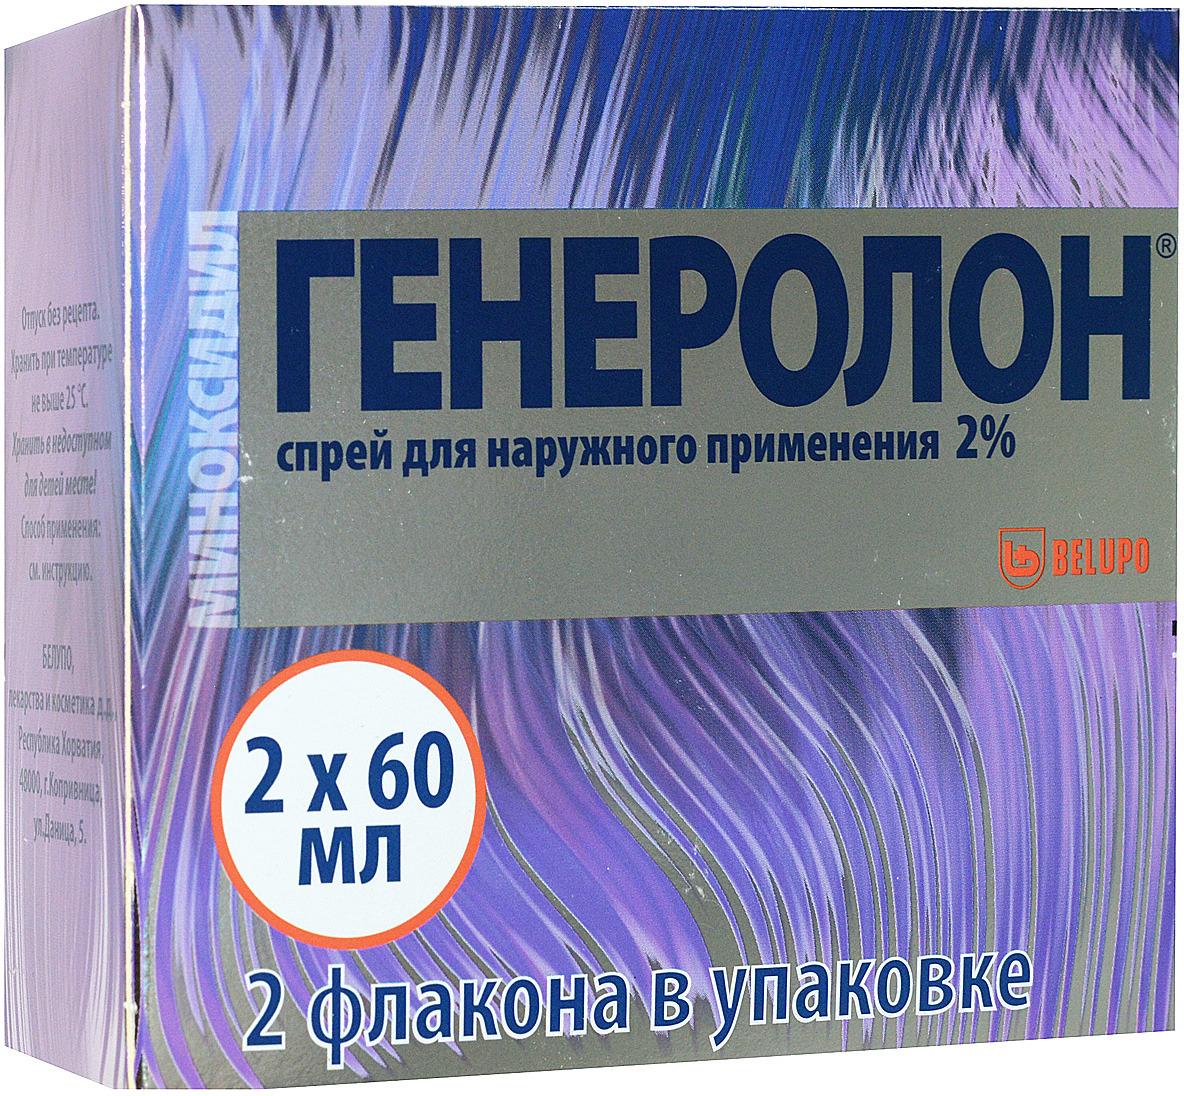 sprej-2%